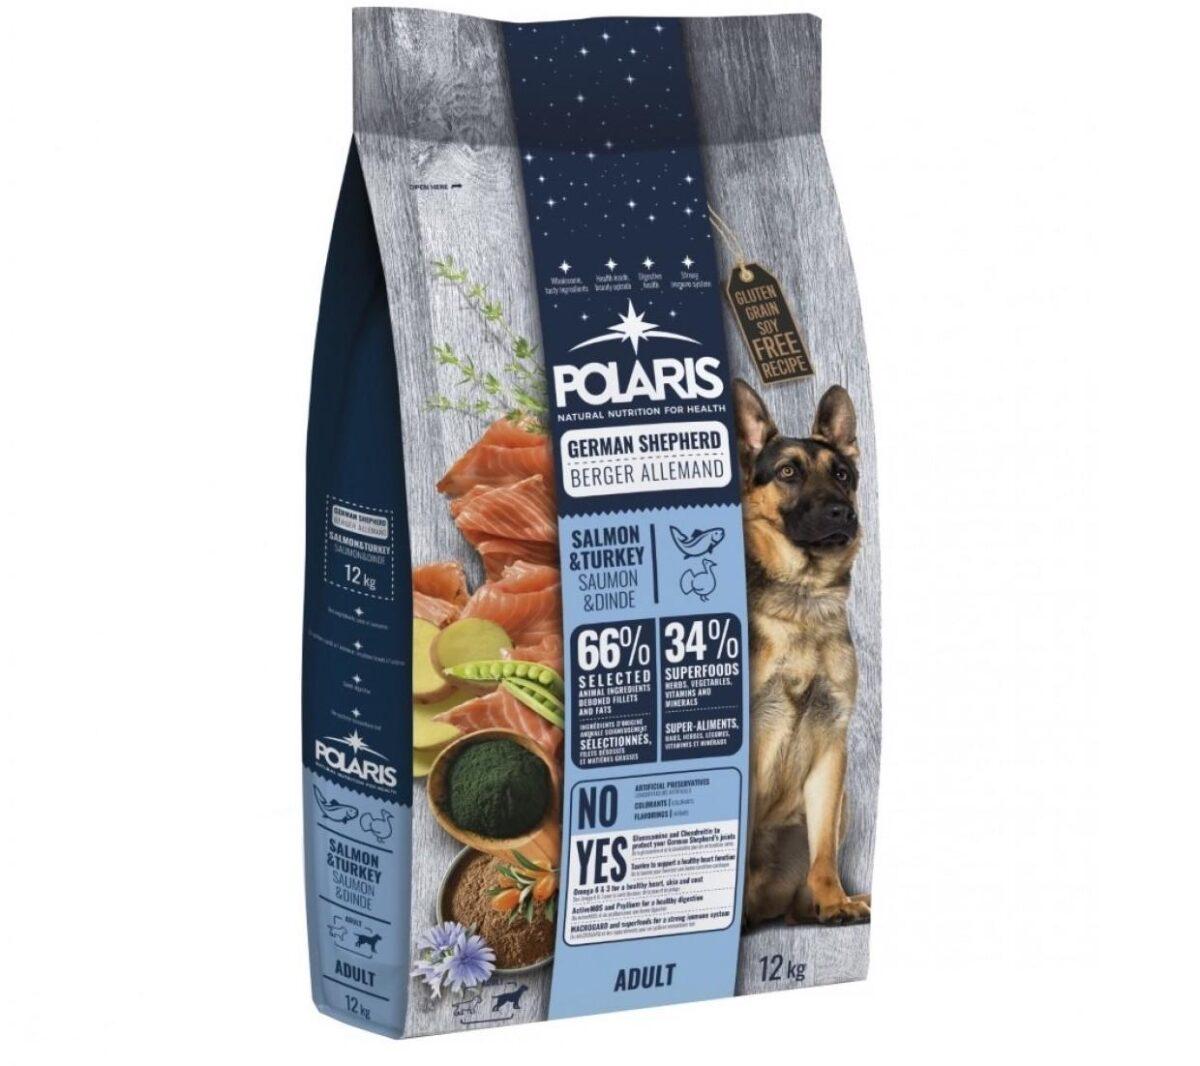 Polaris teraviljavaba täissööt lõhe ja kalkunilihaga saksa lambakoertele 2,5kg